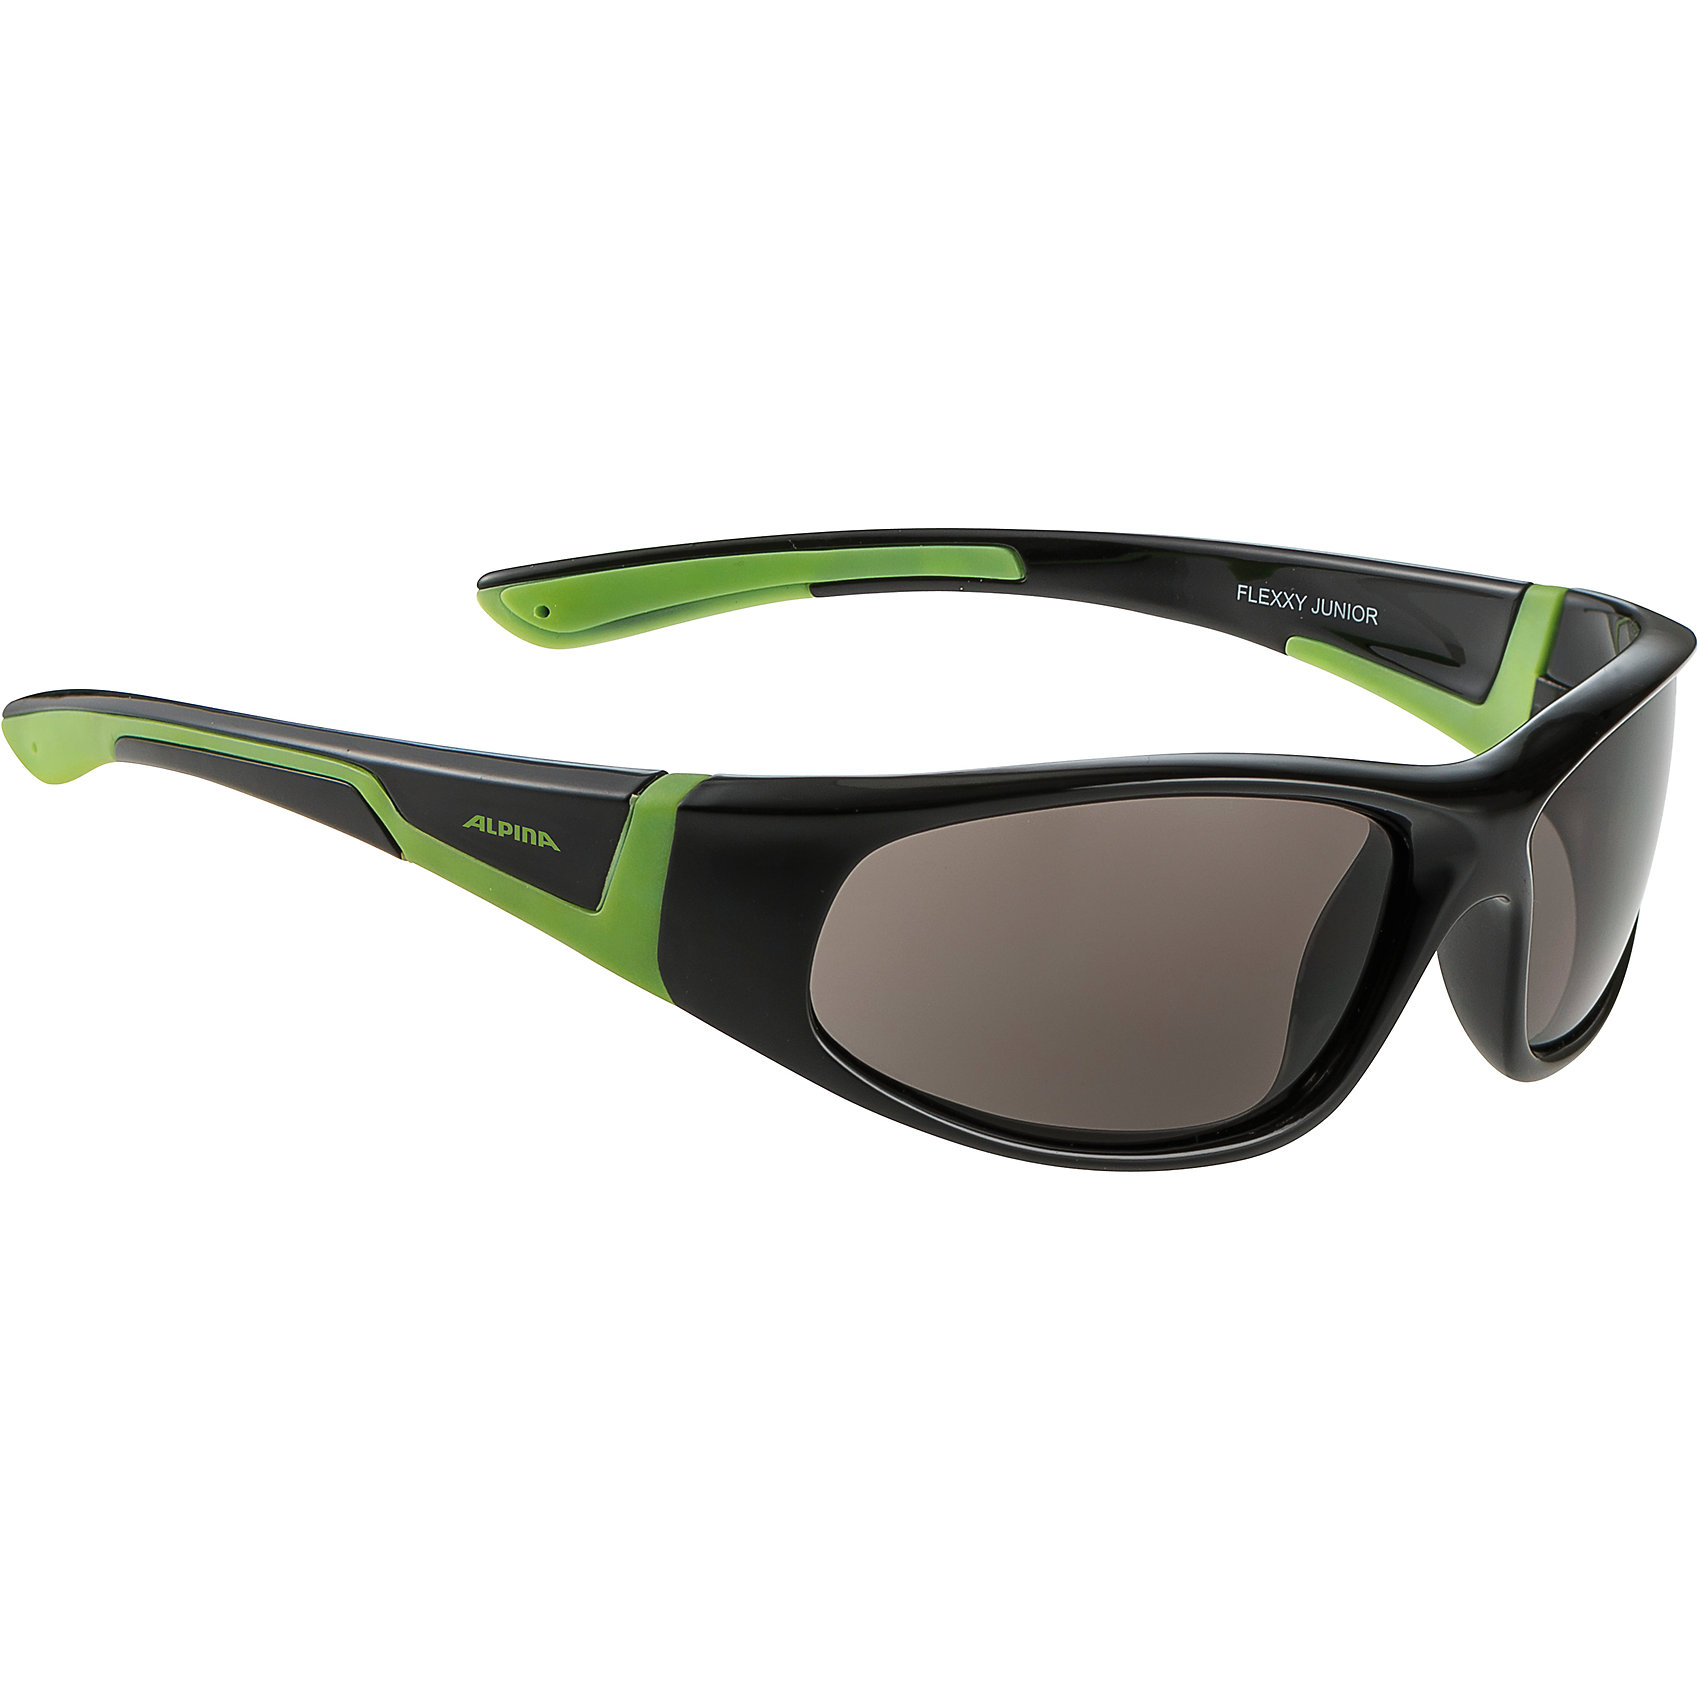 Очки солнцезащитные FLEXXY JUNIOR, черно-зеленые, ALPINAСолнцезащитные очки<br><br><br>Ширина мм: 190<br>Глубина мм: 30<br>Высота мм: 30<br>Вес г: 200<br>Возраст от месяцев: 60<br>Возраст до месяцев: 144<br>Пол: Унисекс<br>Возраст: Детский<br>SKU: 6749317